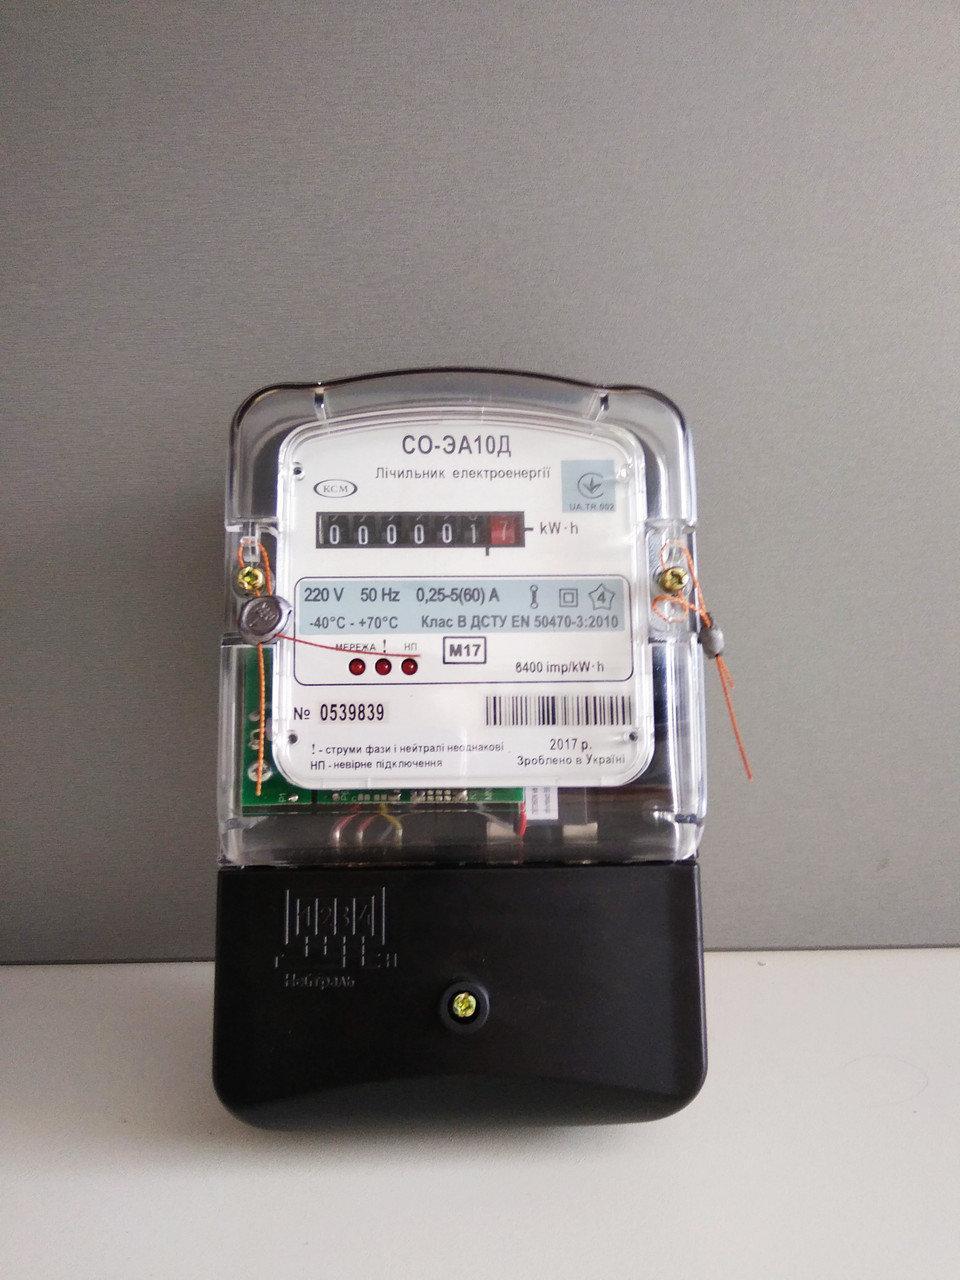 Счетчик электрической энергии Коммунар СО-ЭА10Д 5(60)А